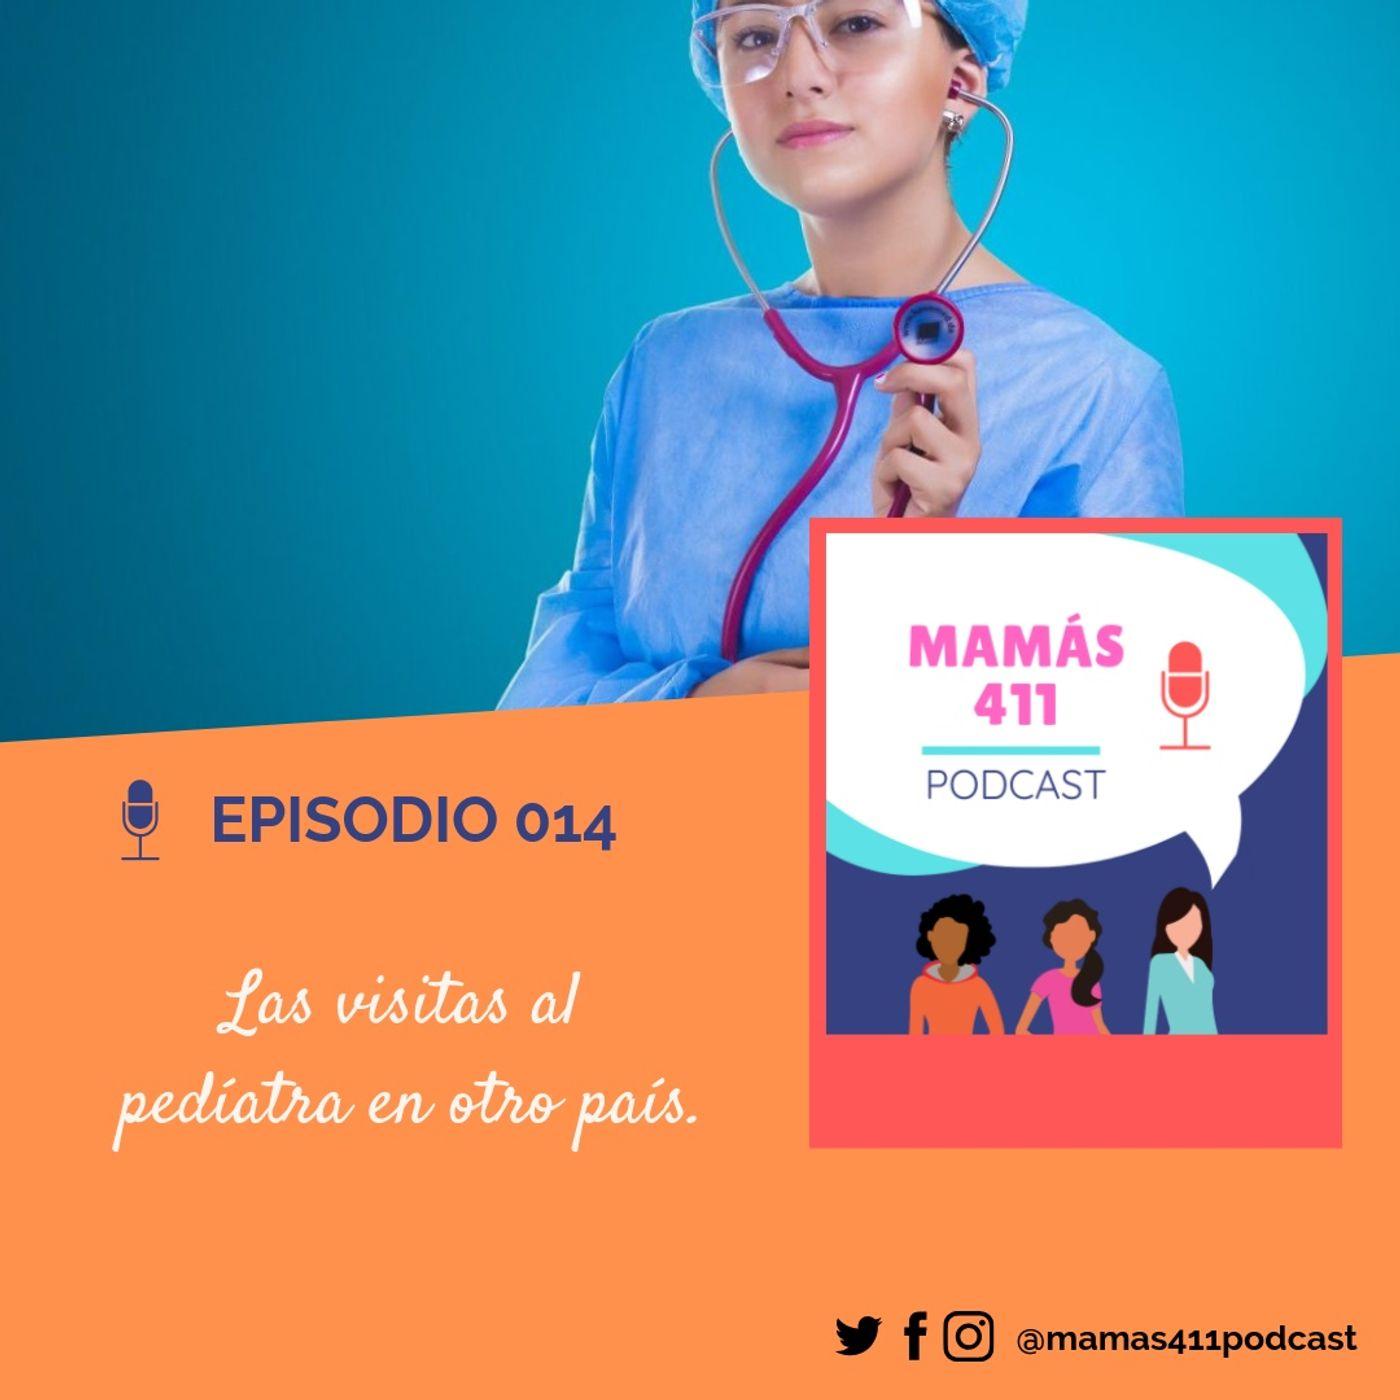 014 - Las visitas al pediatra en otro país.